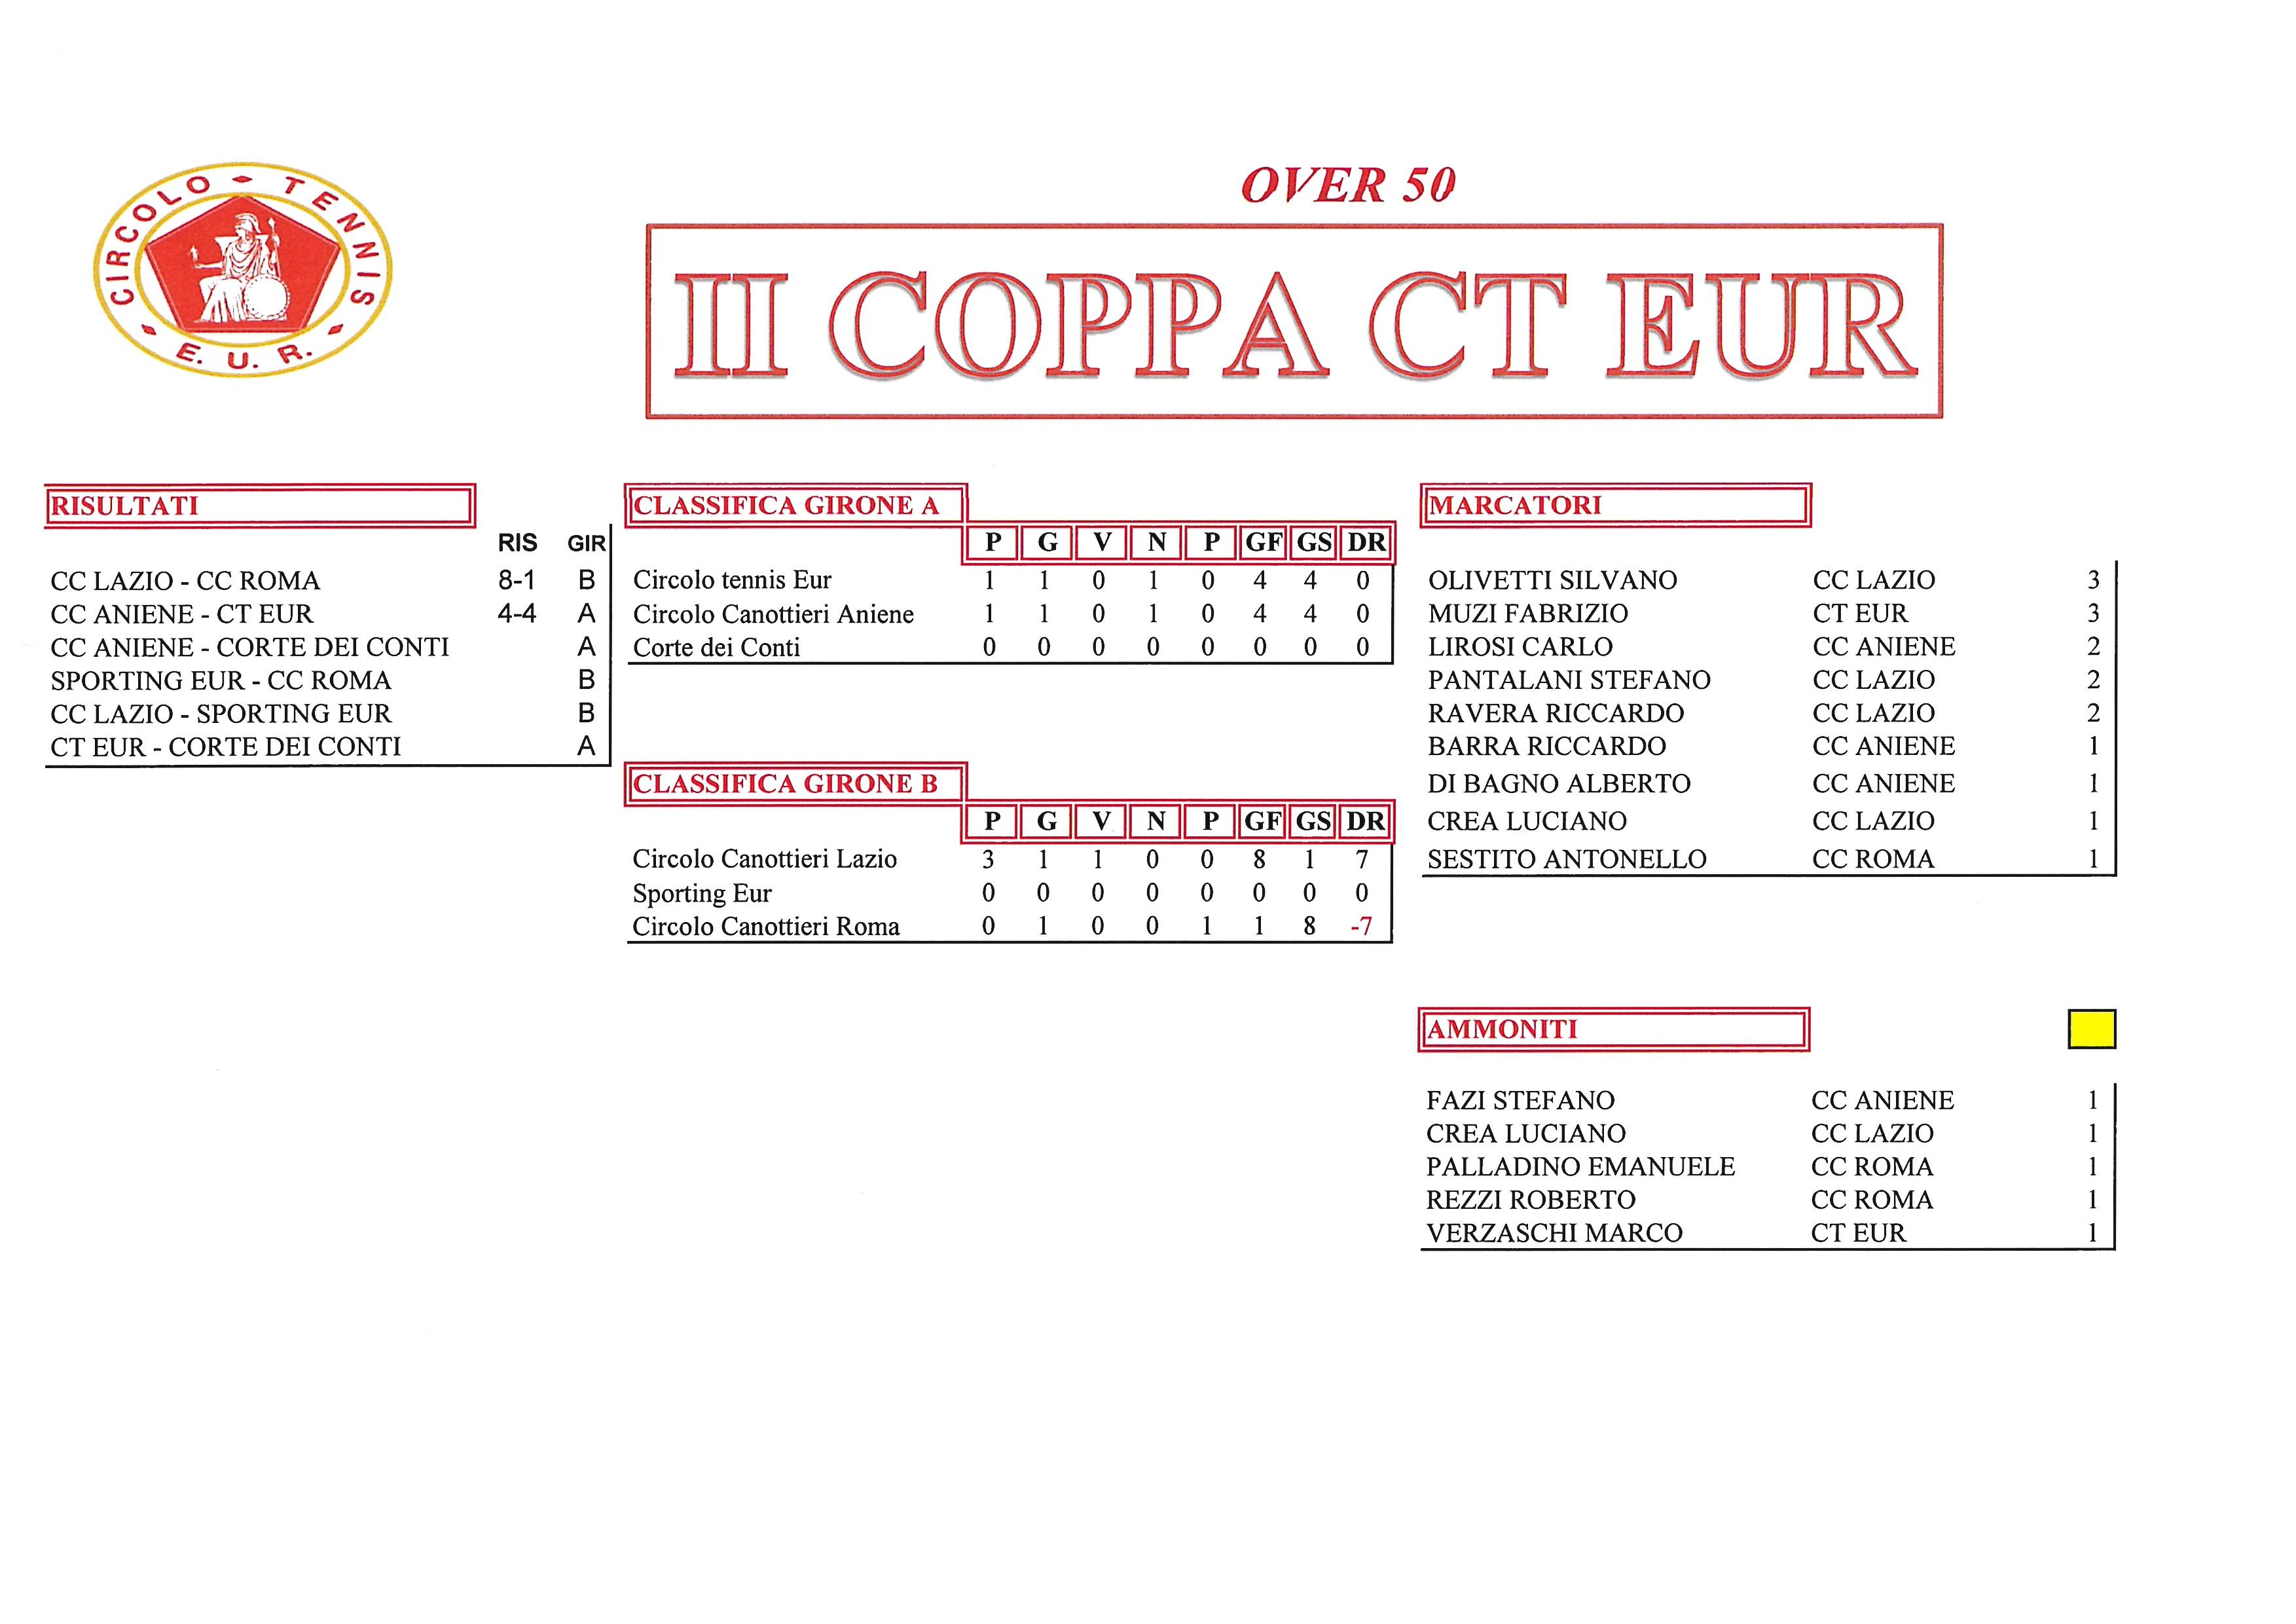 Coppa-CT-Eur-risultati-del-22-settembre2017-Over-50